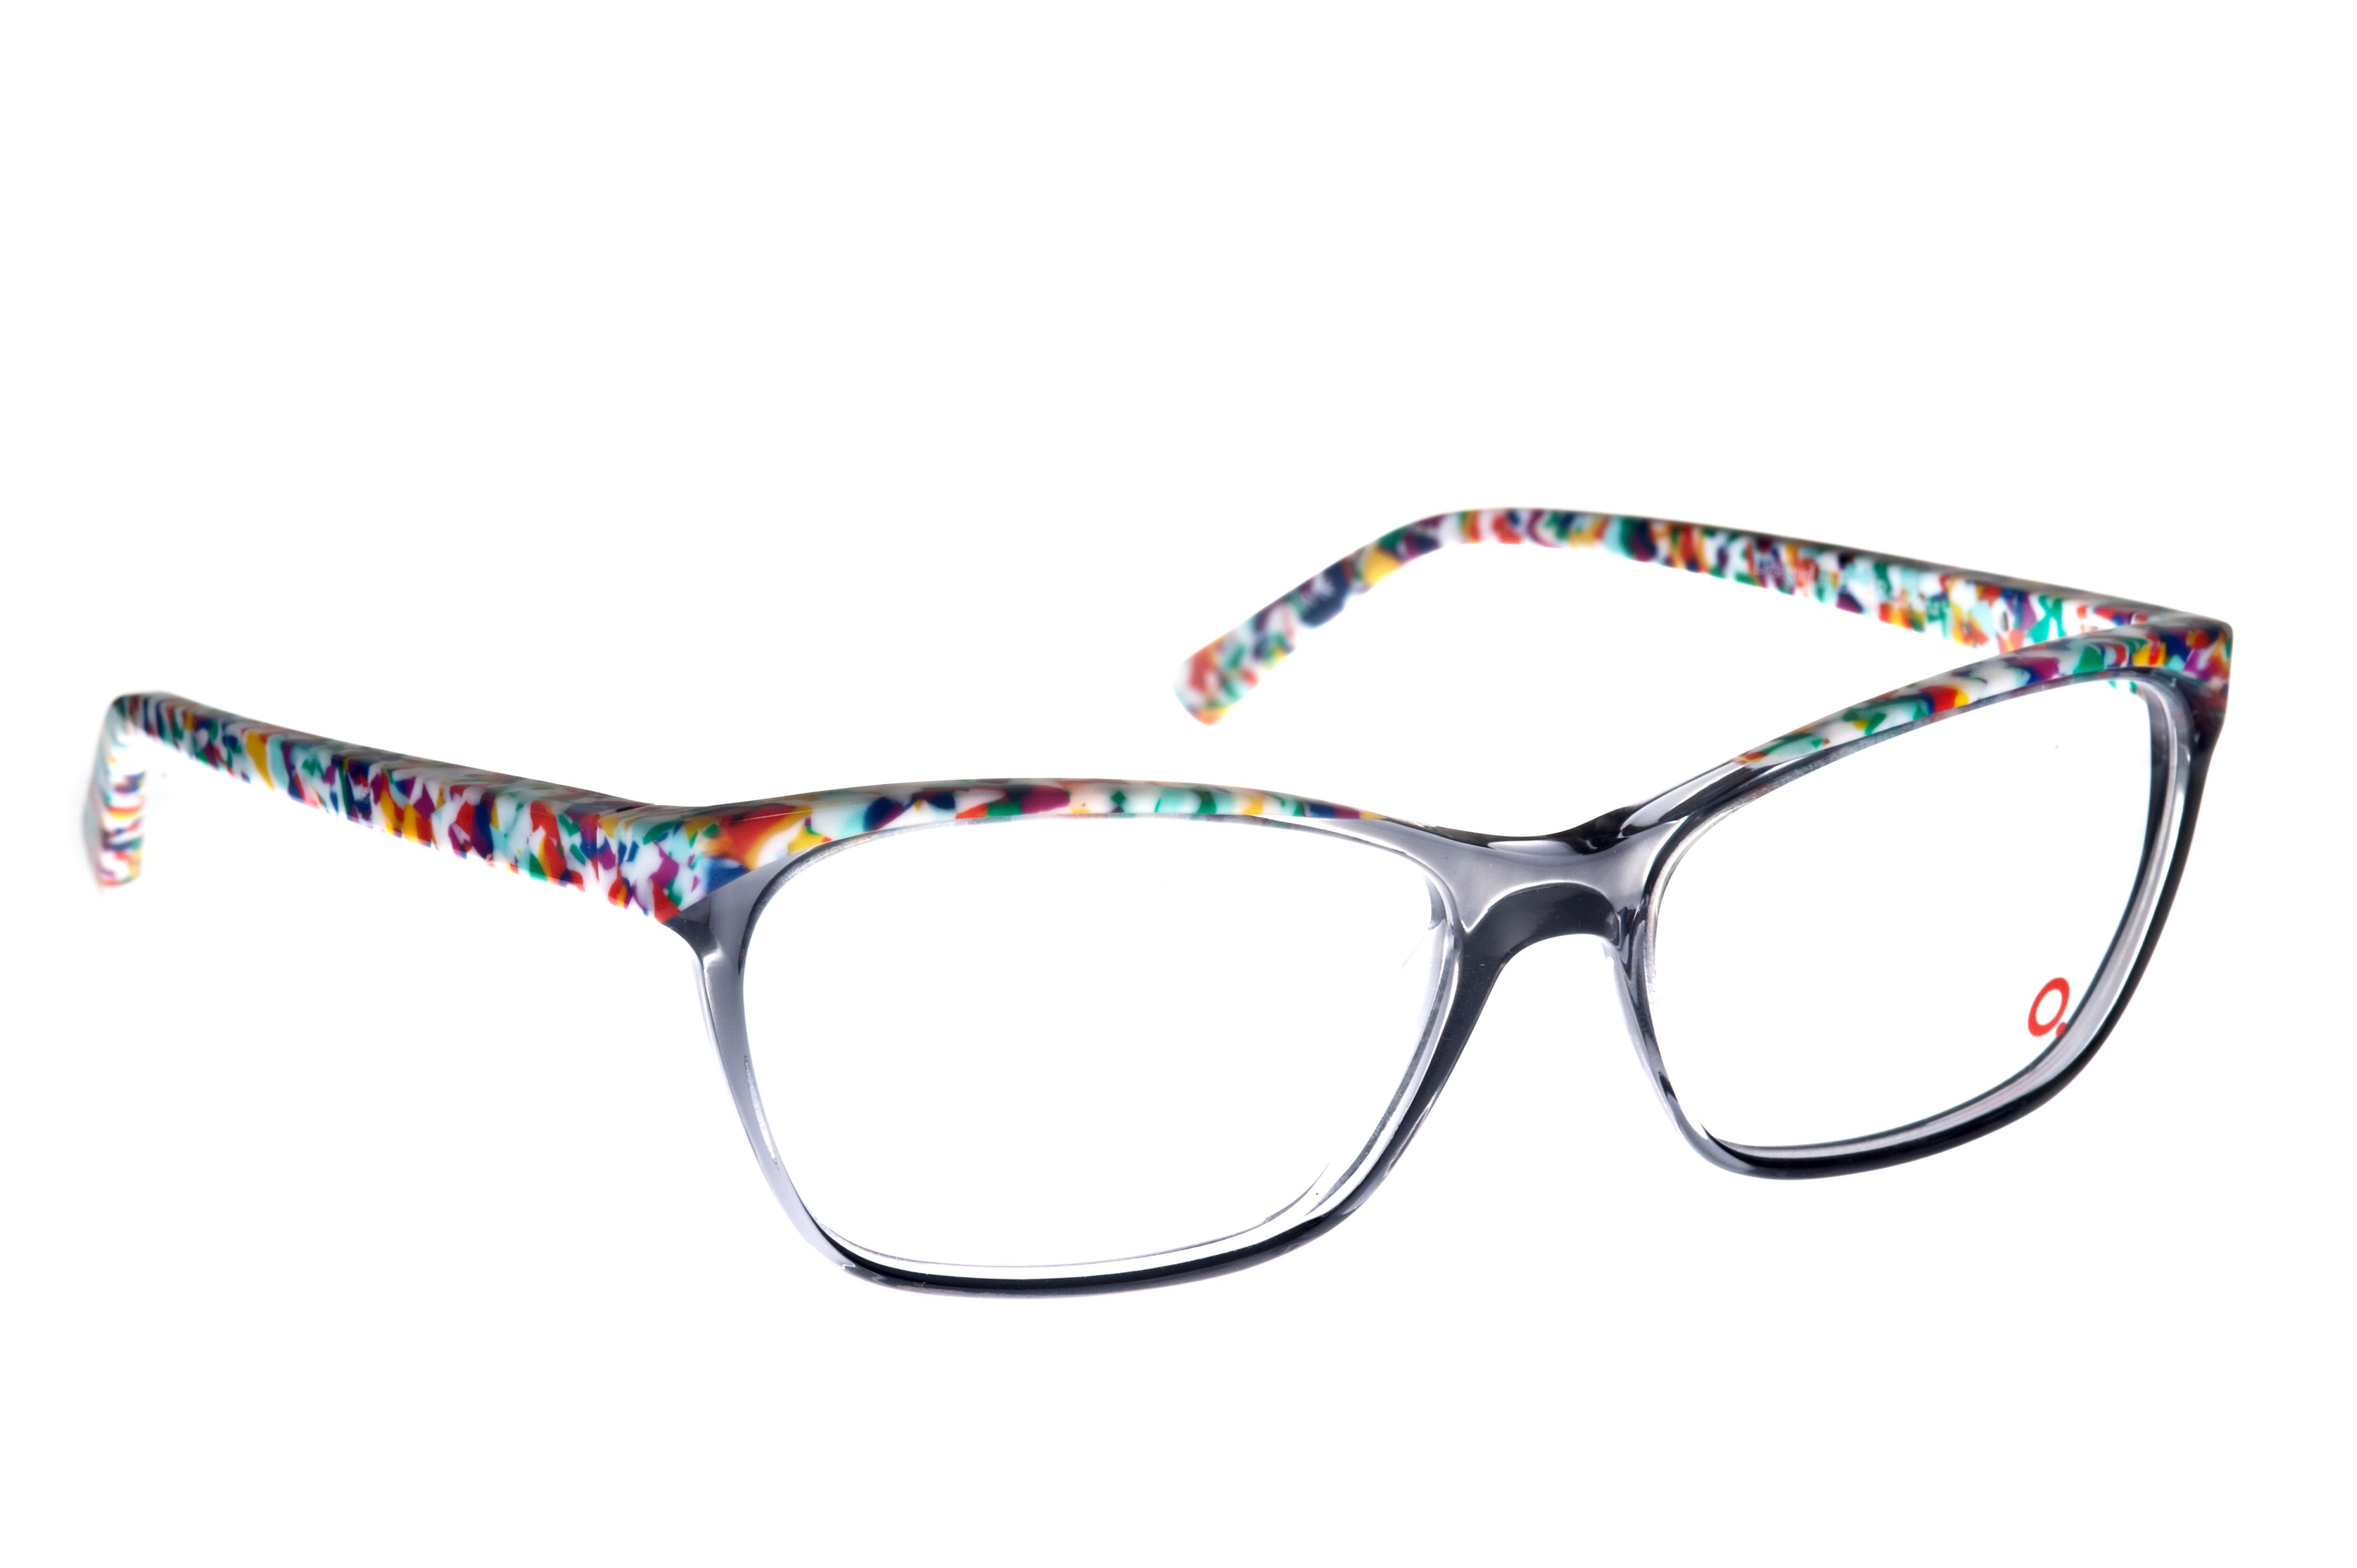 Etnia Barcelona Brille Nimes in Farbe GYGR